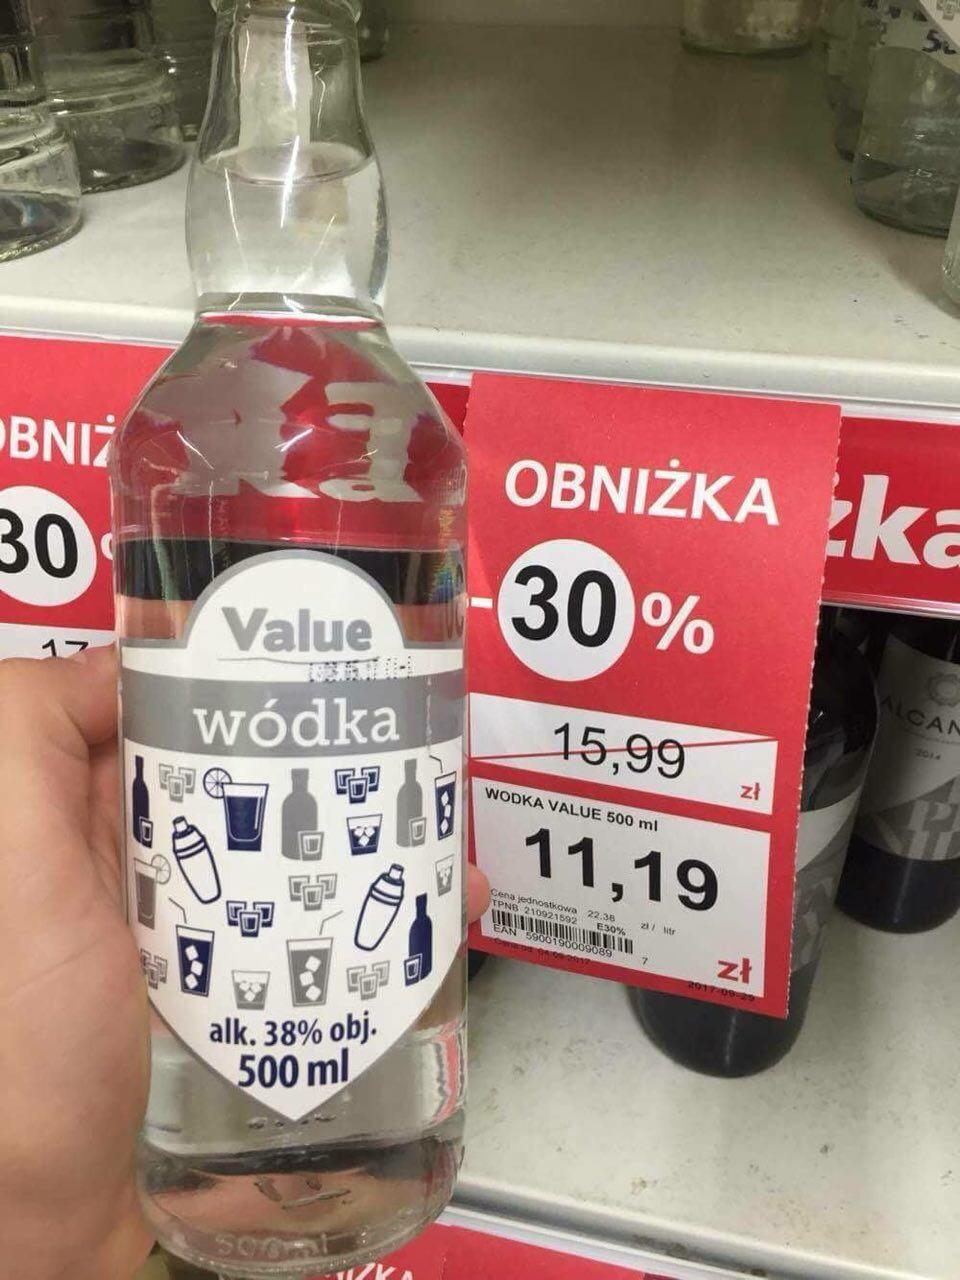 Wódka 38% 0,5 l za 11,19 pln Tesco